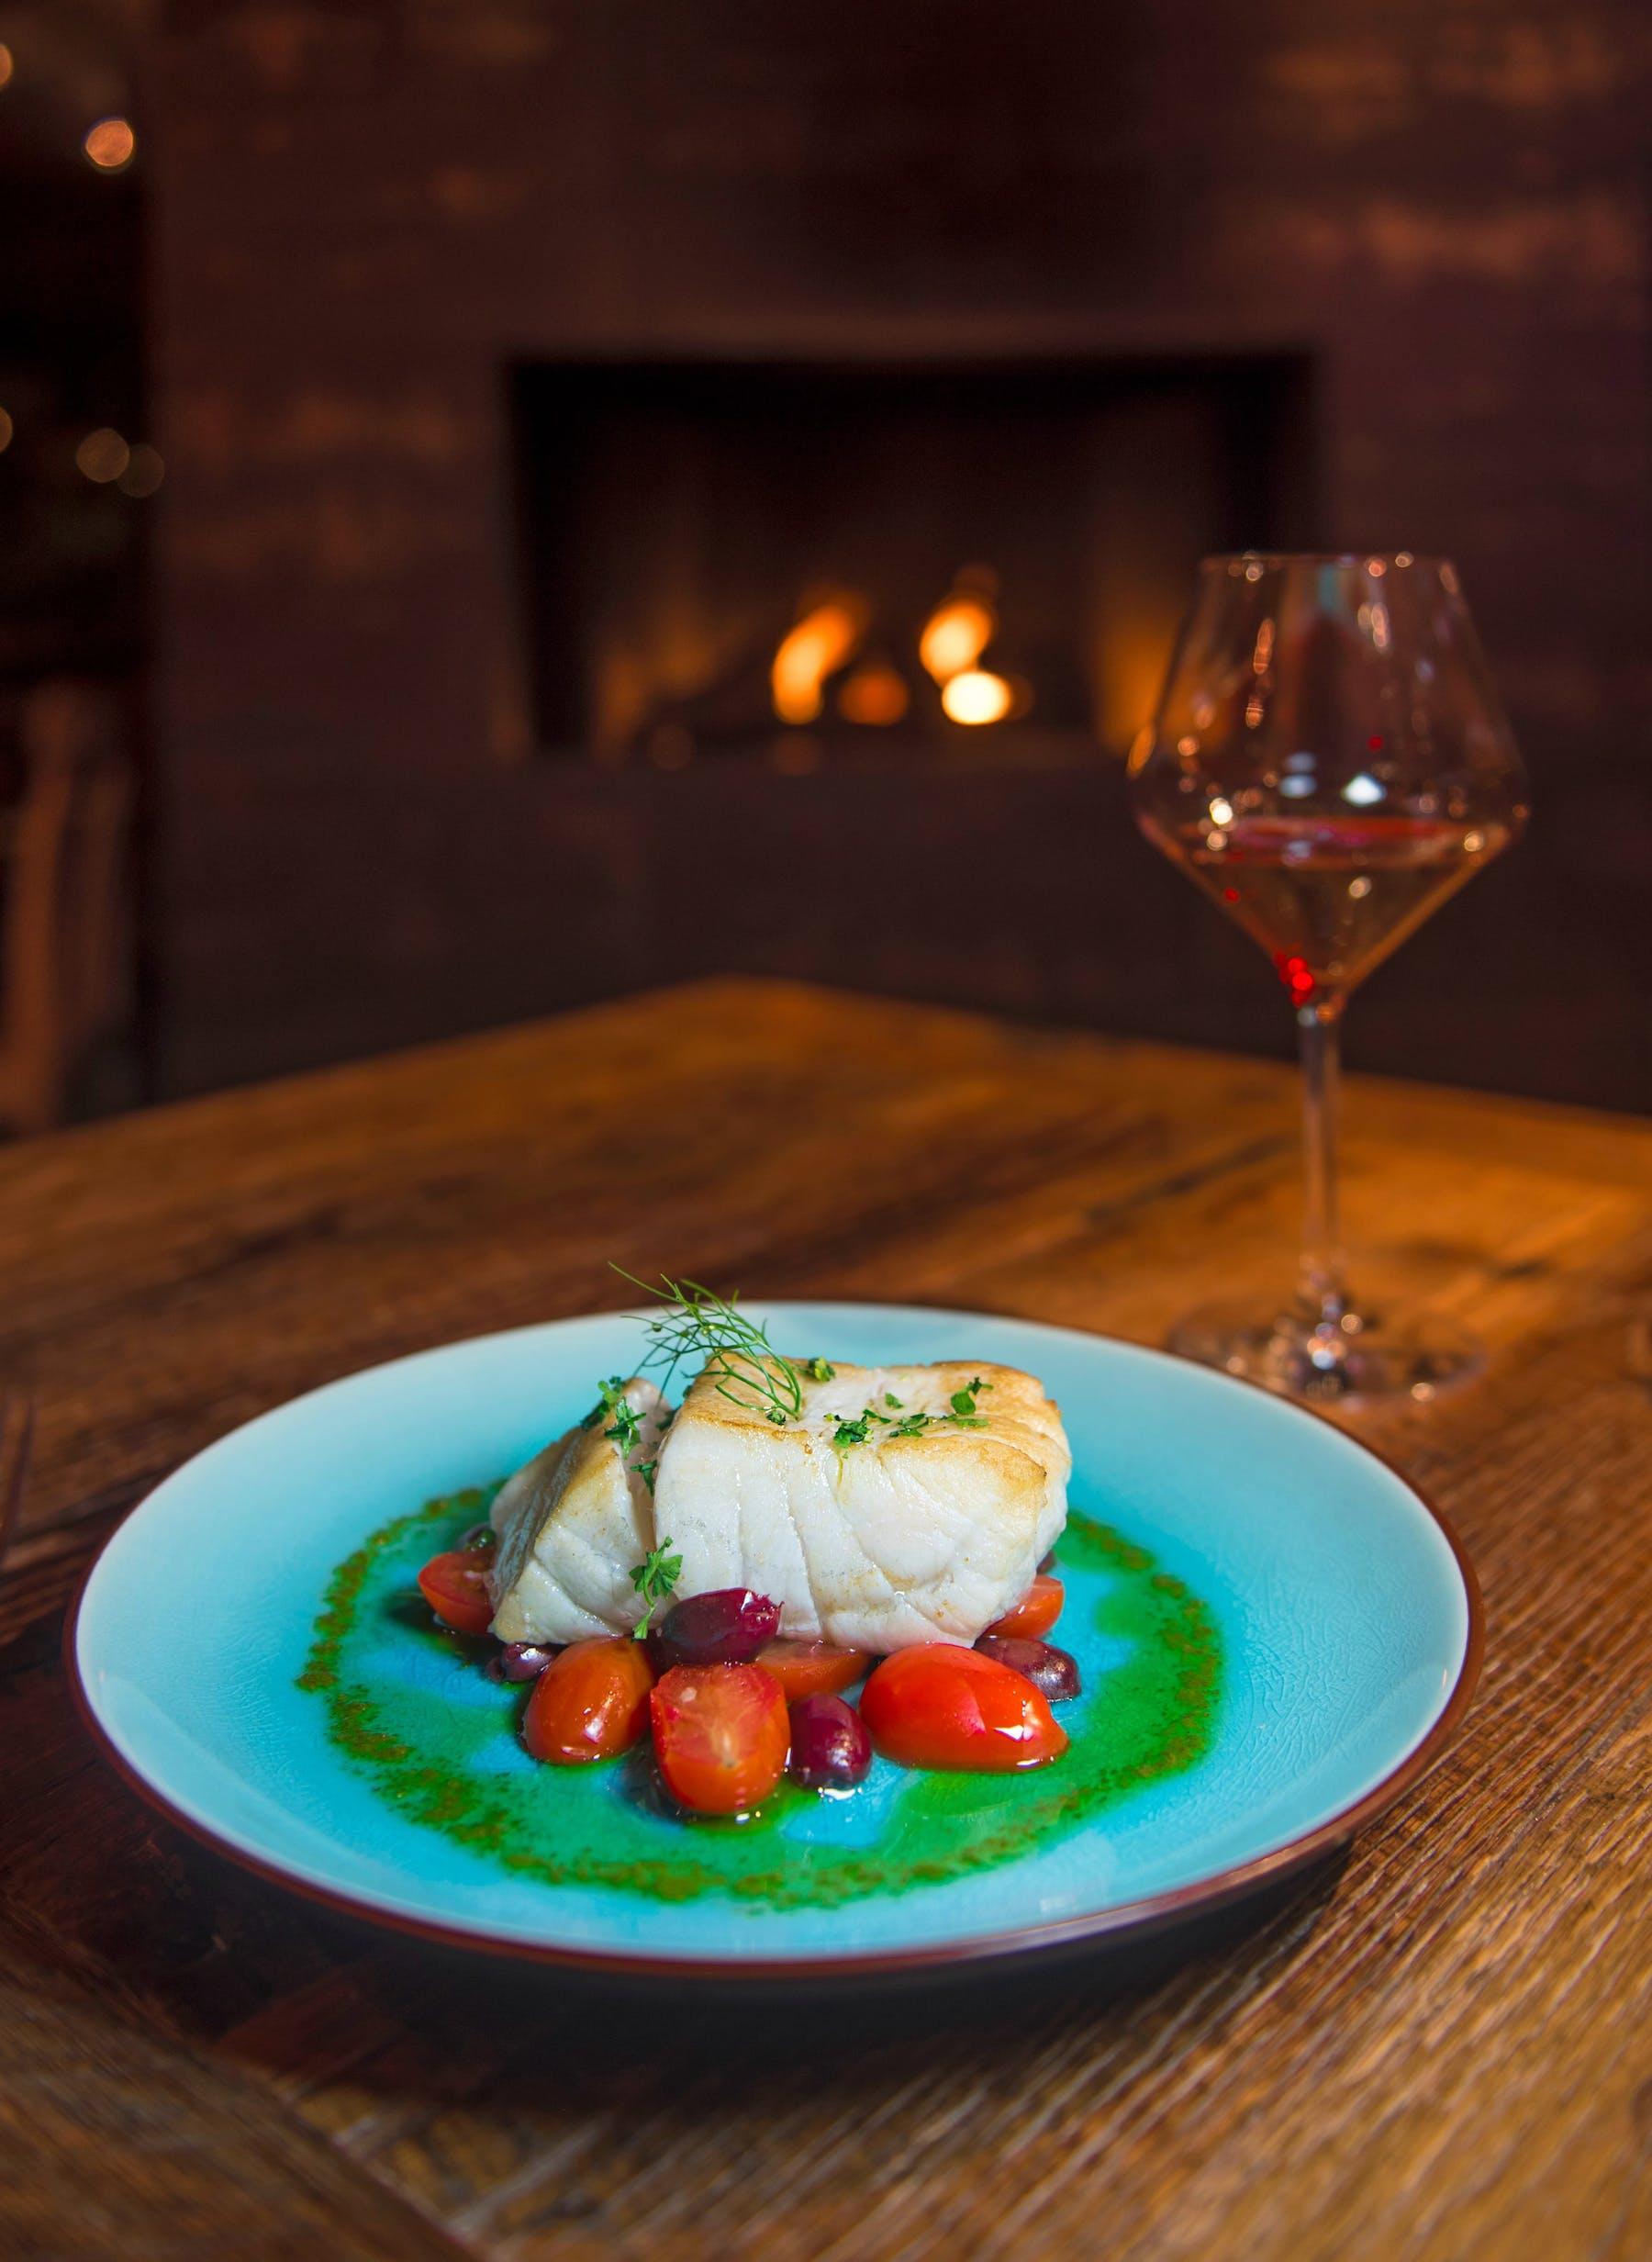 fine italian seafood dish